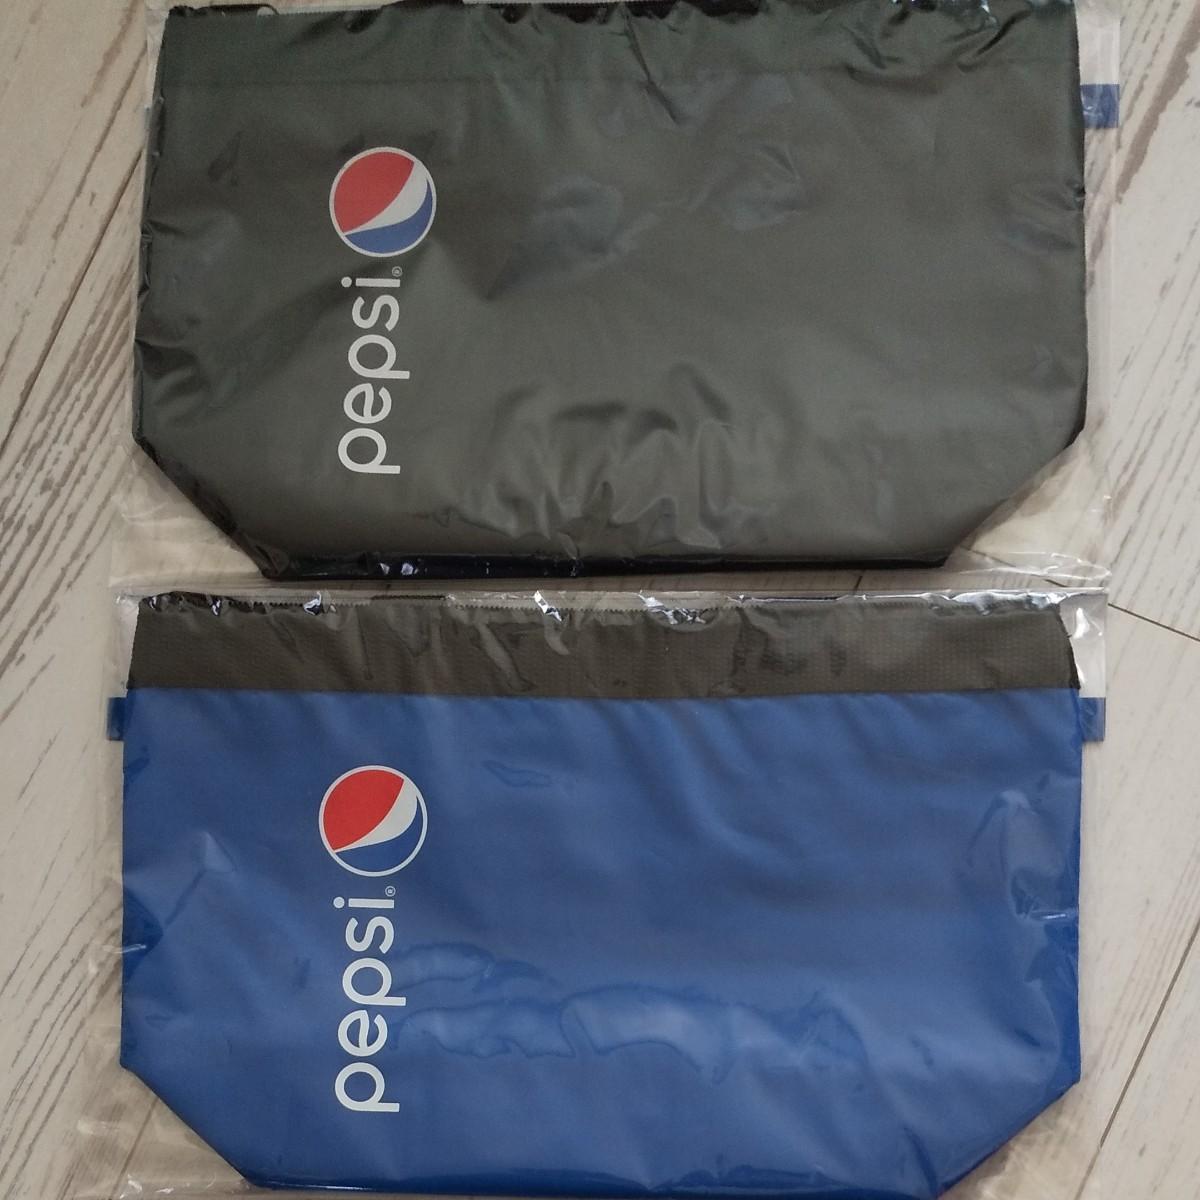 トートバッグ ペプシ 非売品 ペットボトル オリジナル保冷トート ランチバッグ 黒 青 ブラック ブルー 2枚セット